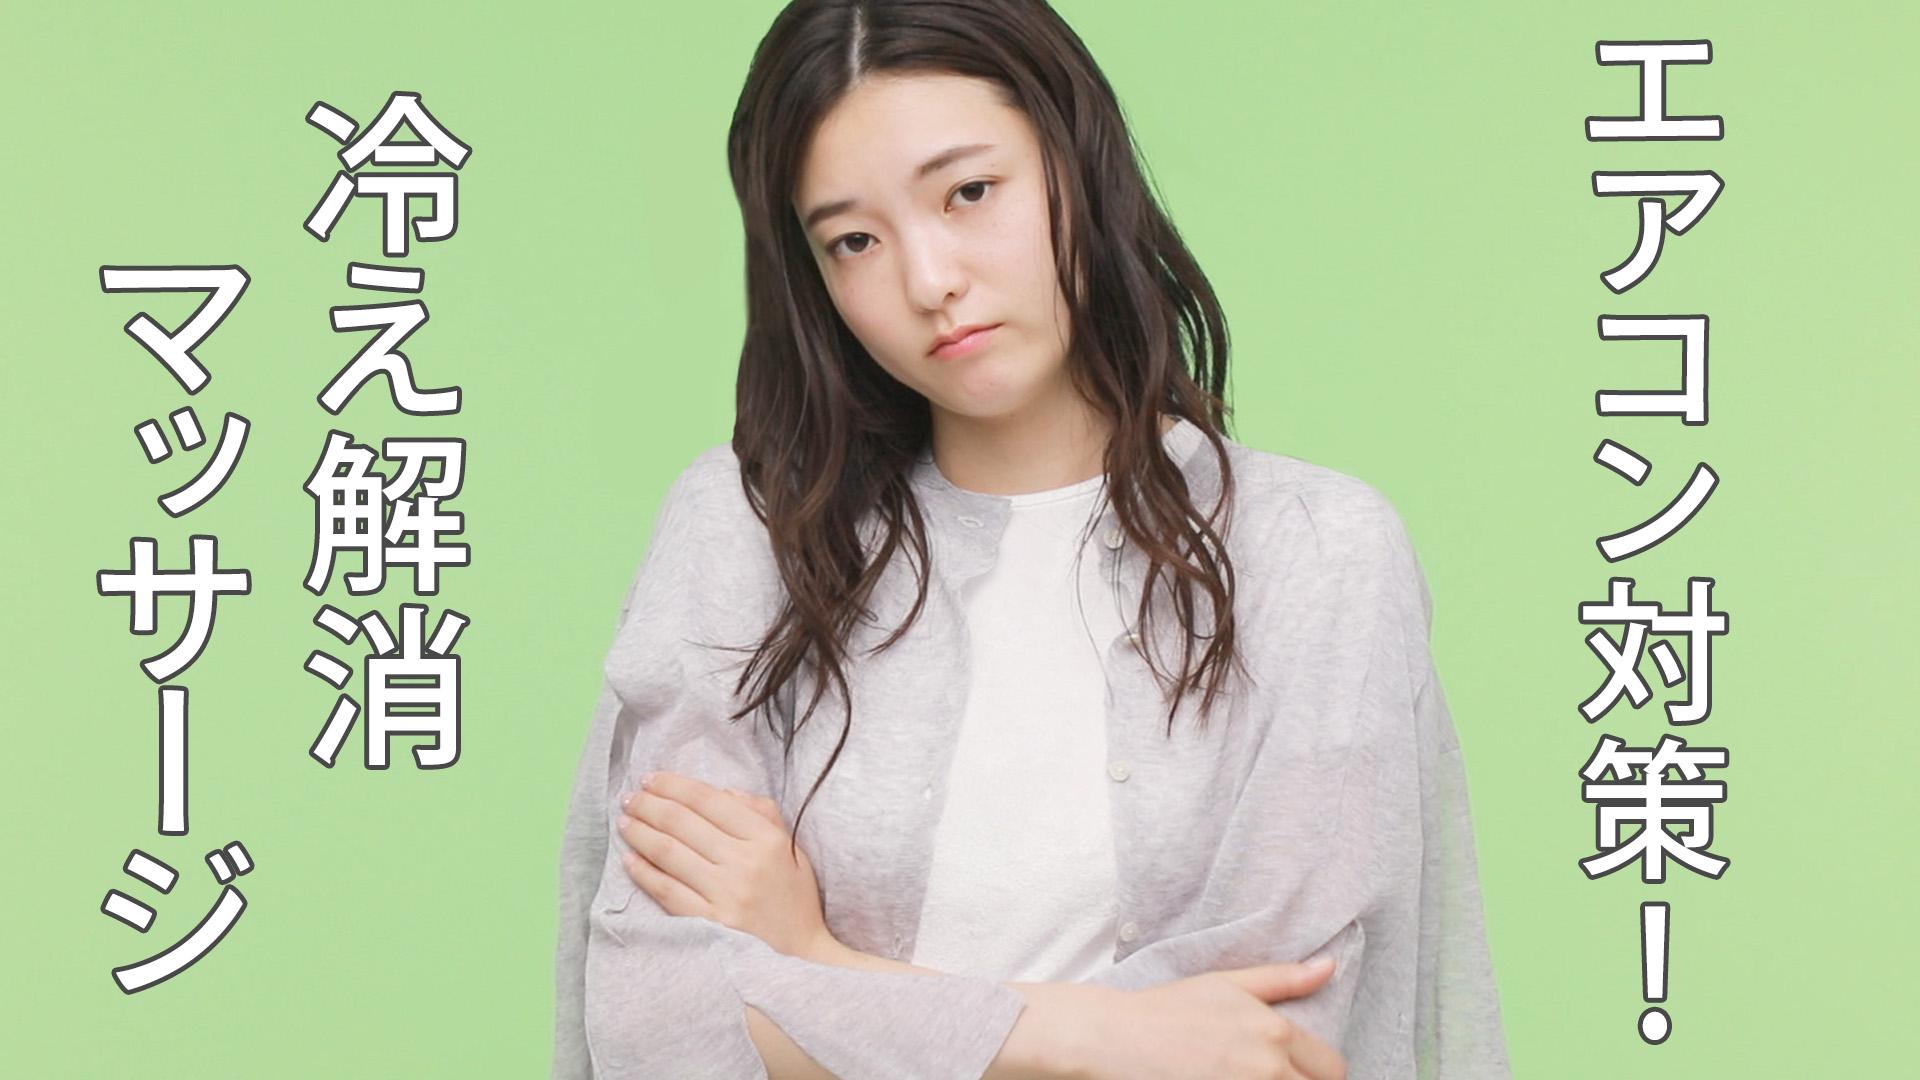 【エアコン対策】夏の冷えを解消する、村木式フットマッサージ